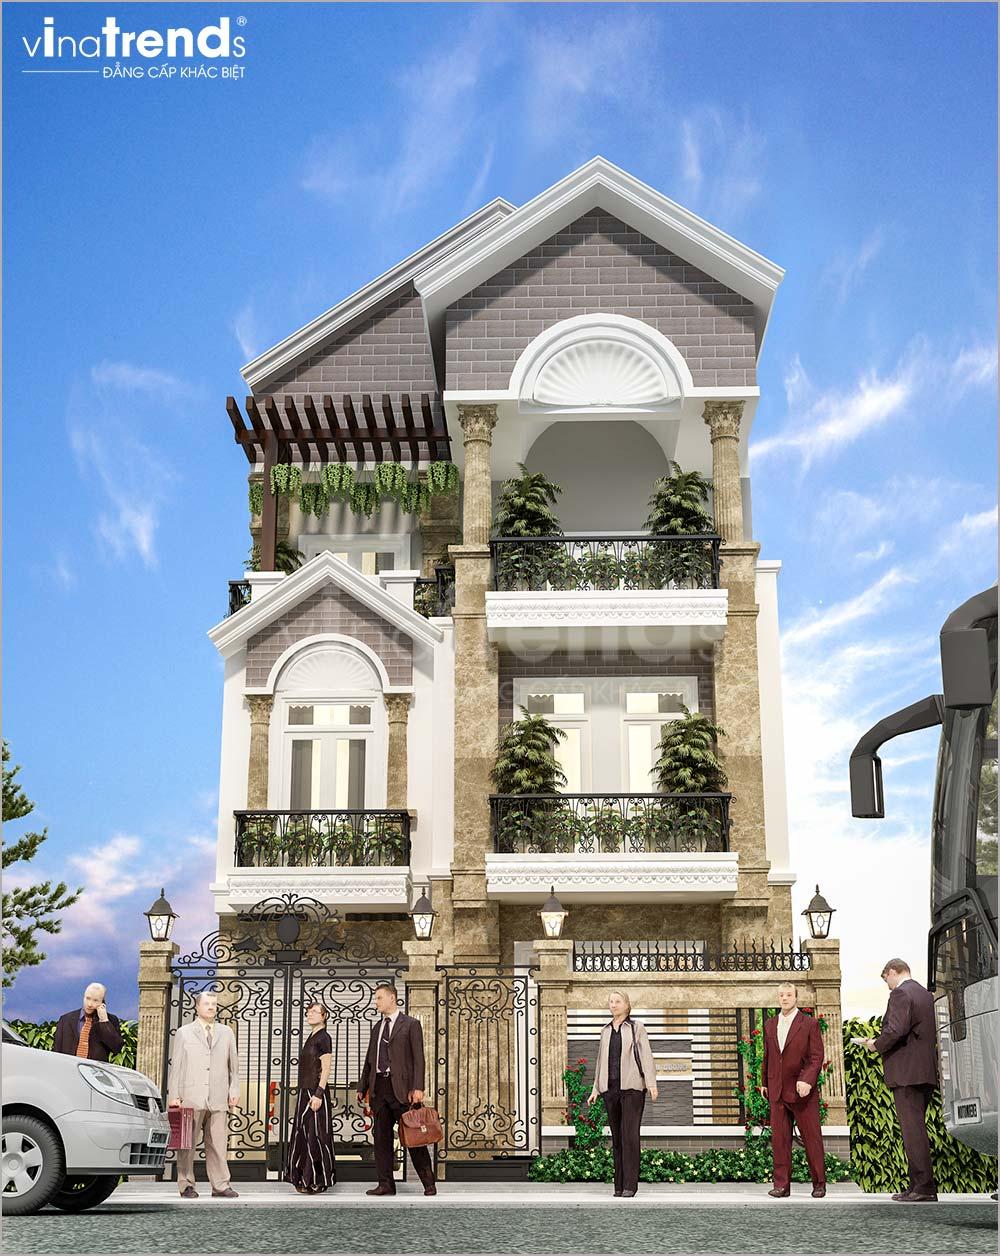 mau nha 3 tang mai thai mat tien 8m dep nhat 2 Mẫu nhà 3 tầng mặt tiền 8x20m mái thái khang trang như một khách sạn ở Quận 1 Sài Gòn